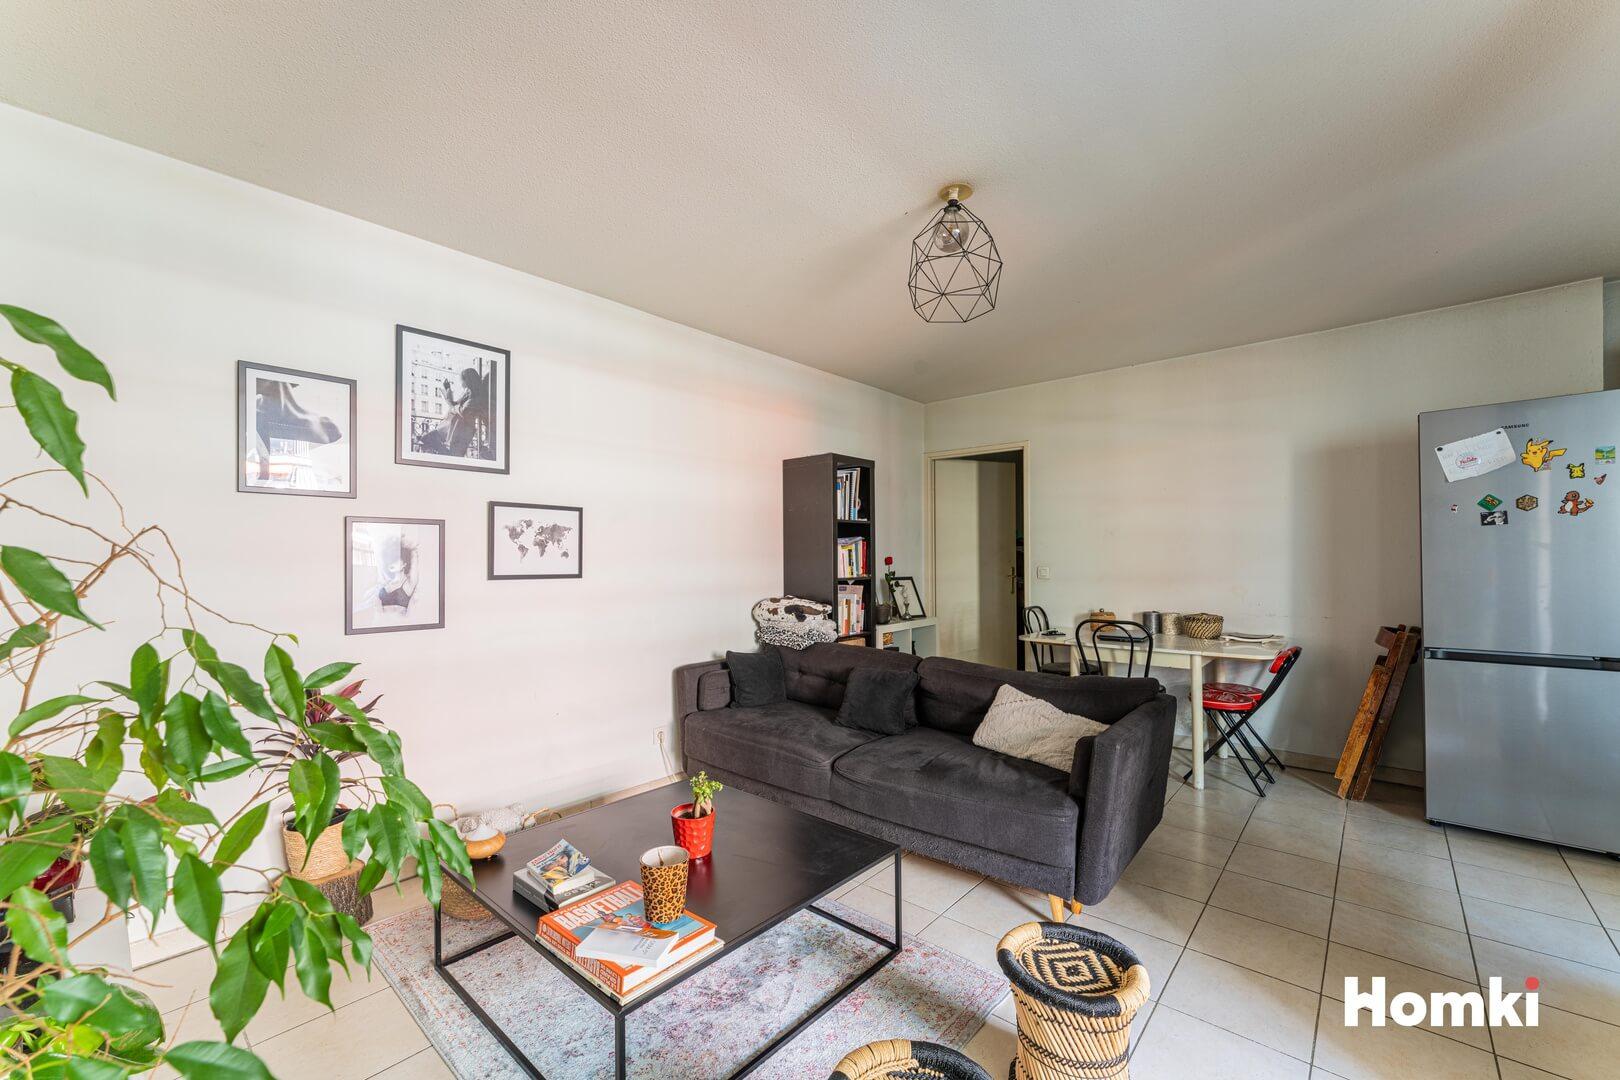 Homki - Vente Appartement  de 43.0 m² à Marseille 13002